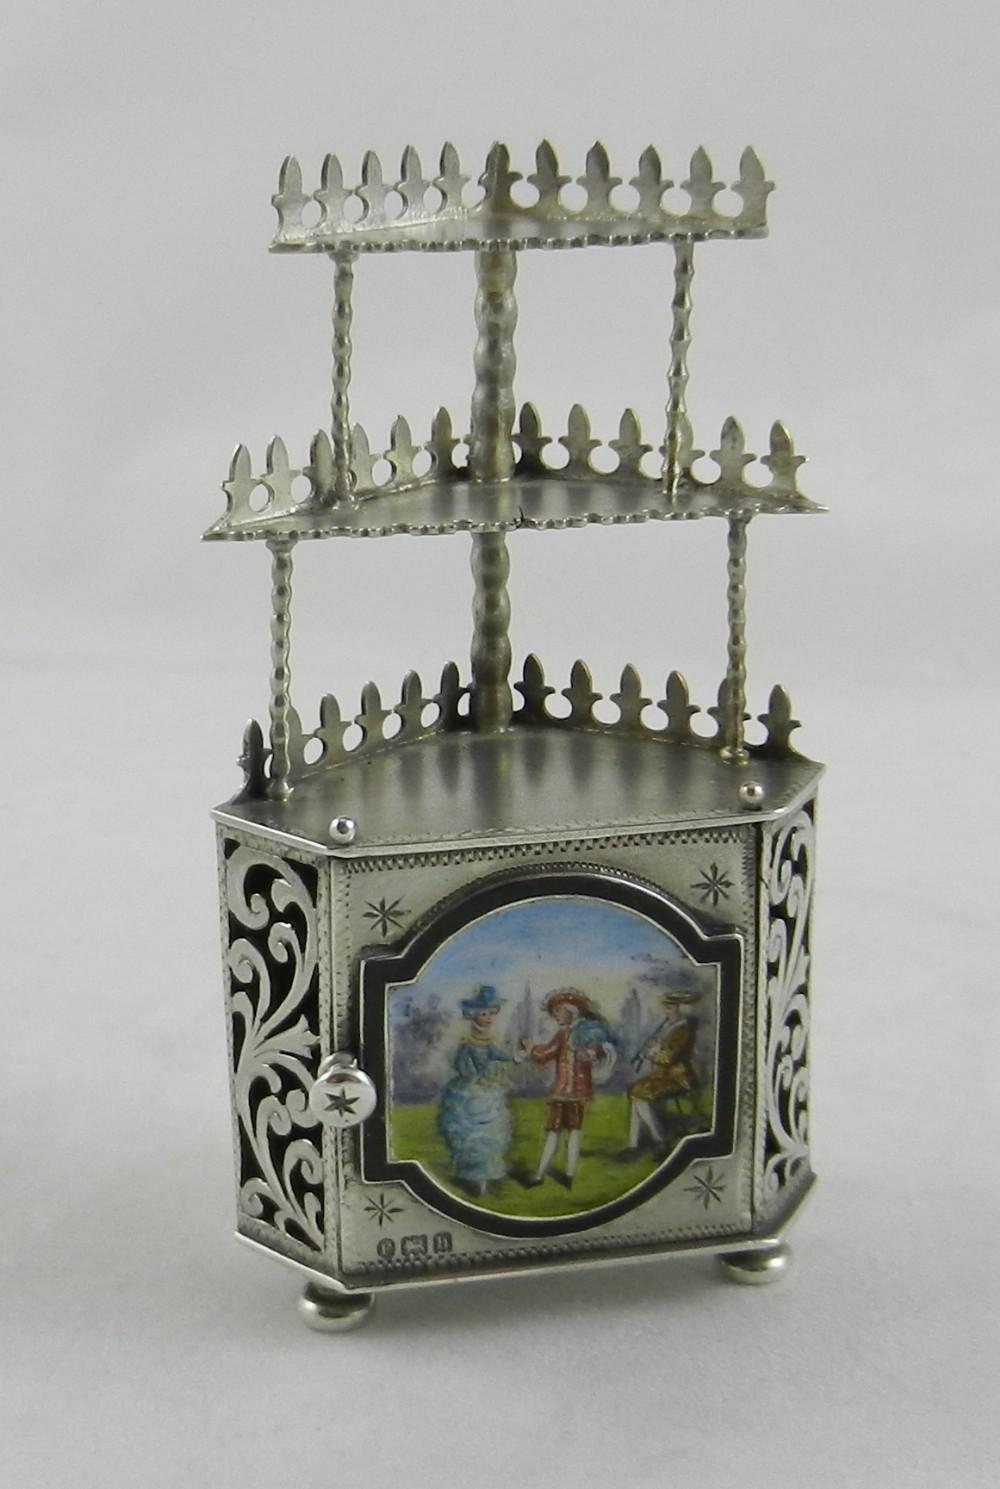 antique silver enamel furniture model